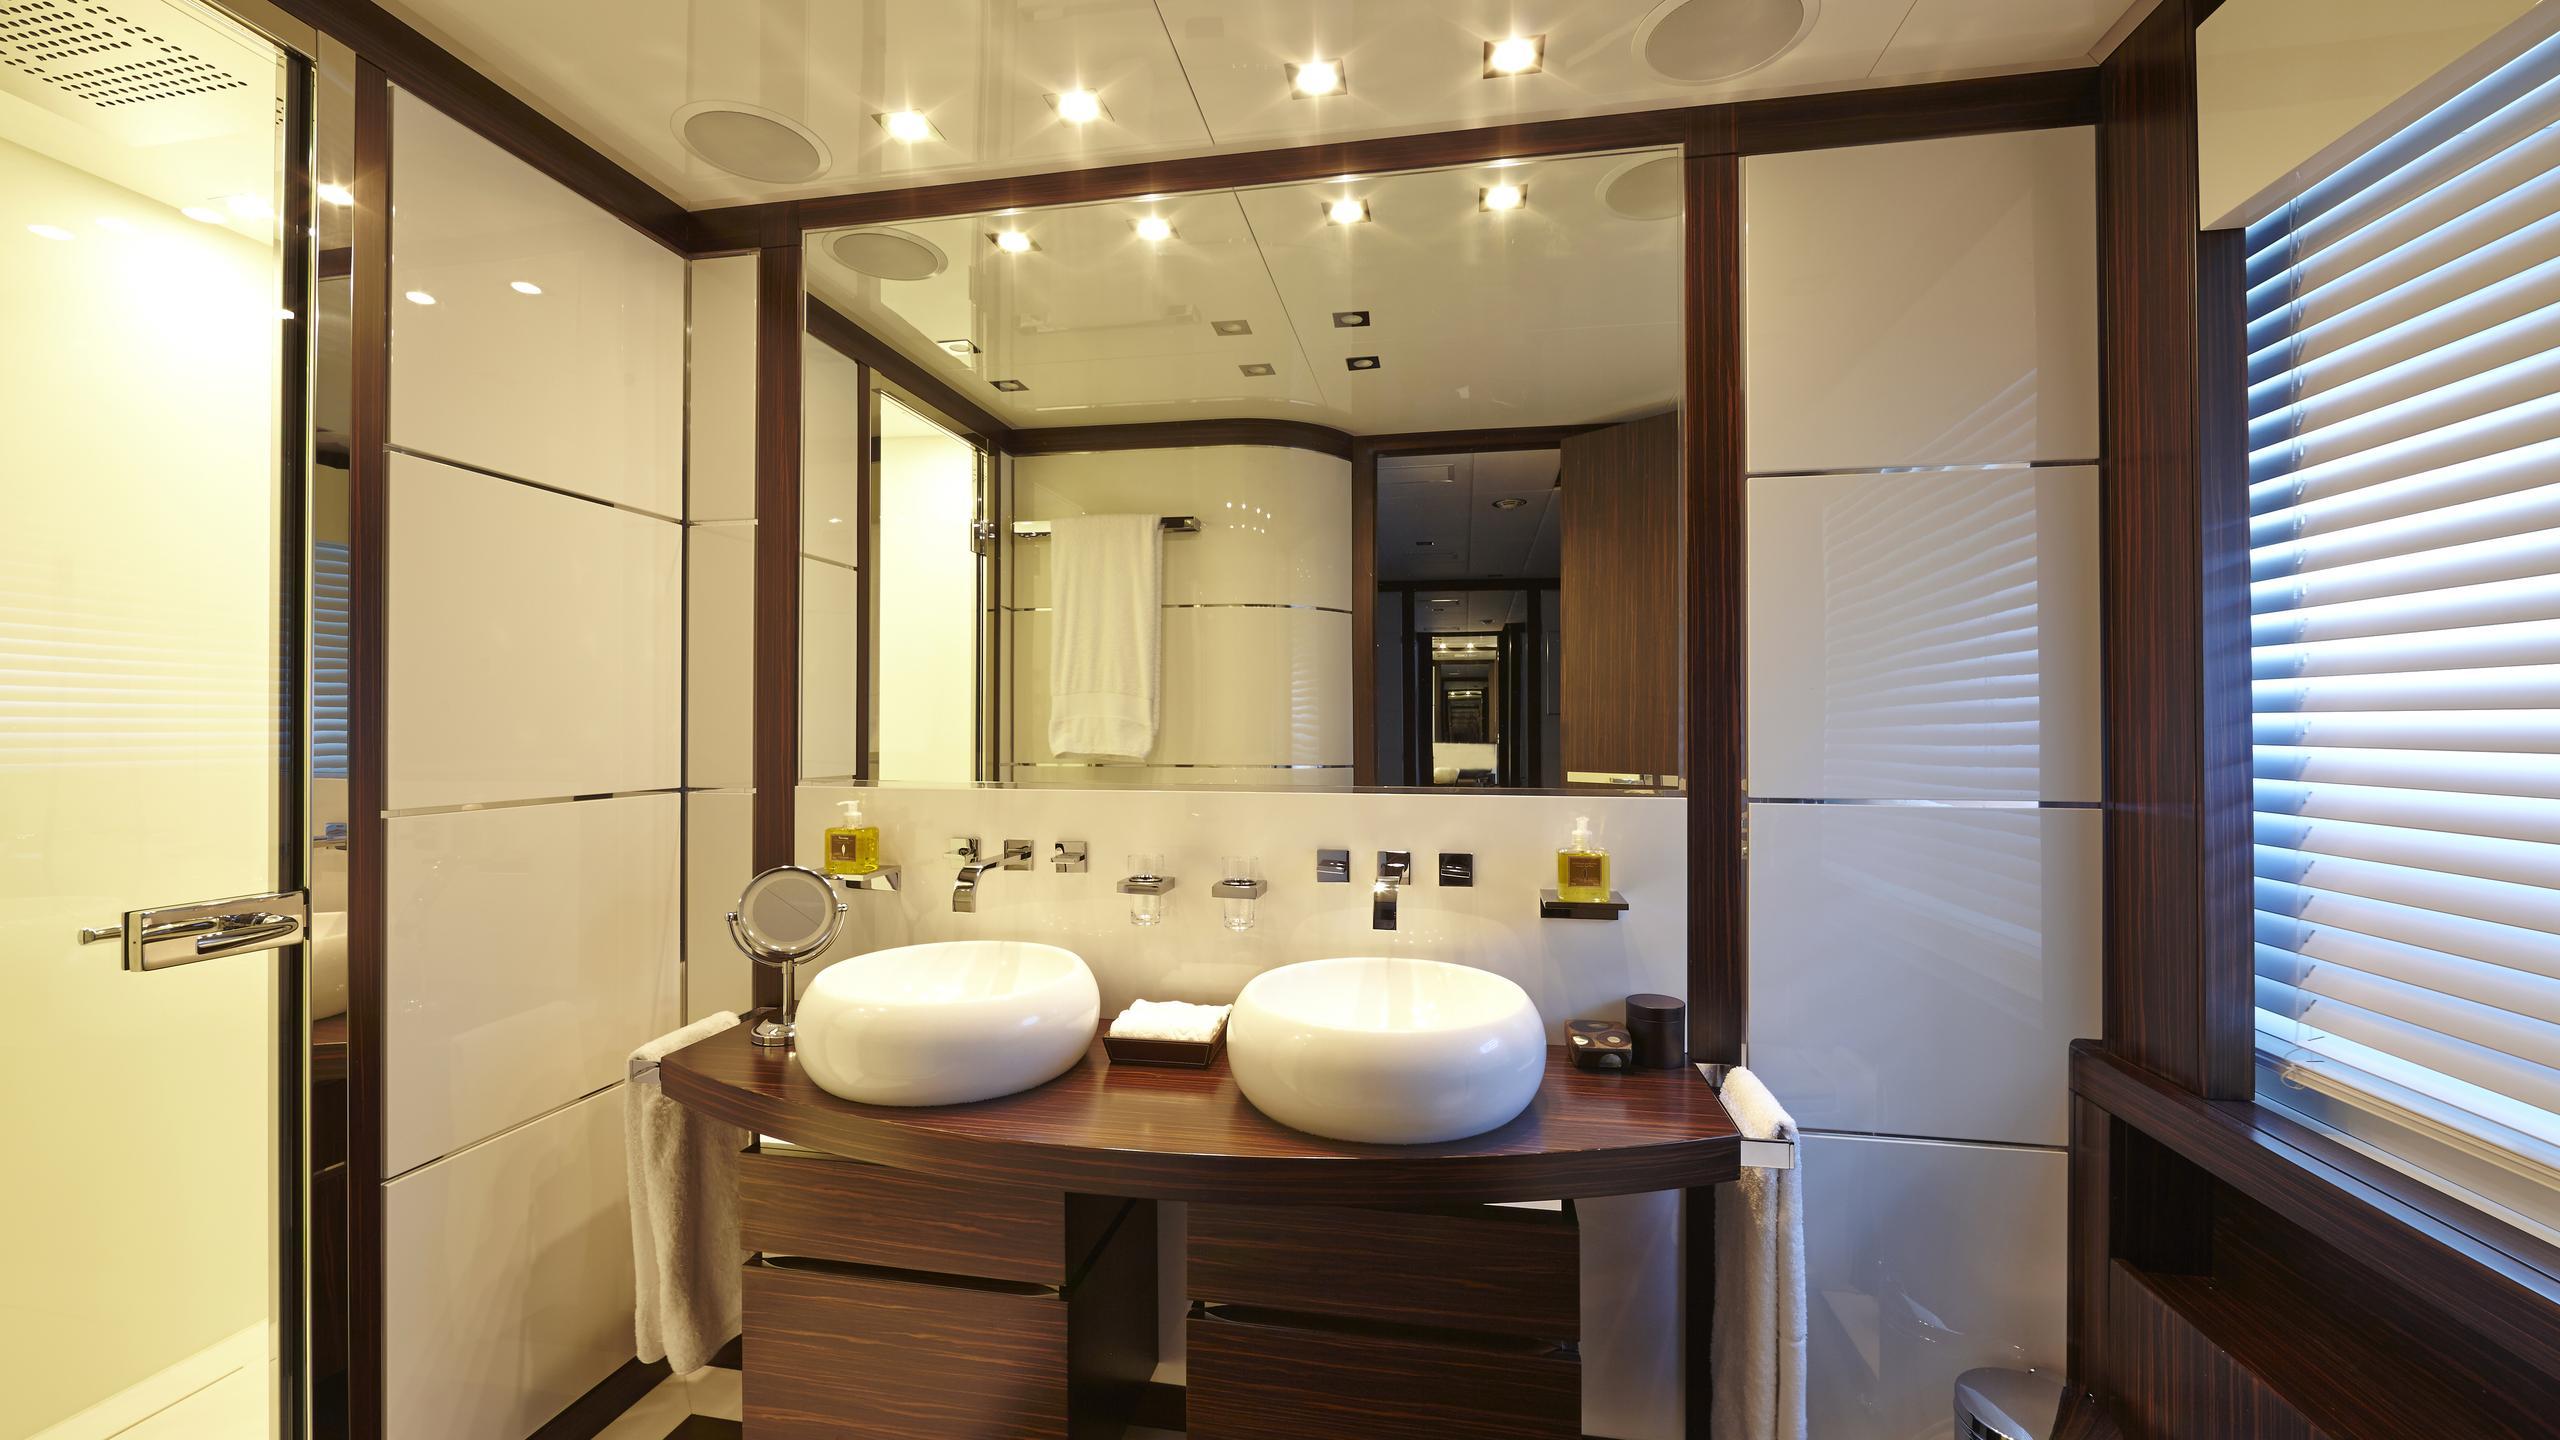 antelope-III-yacht-bathroom